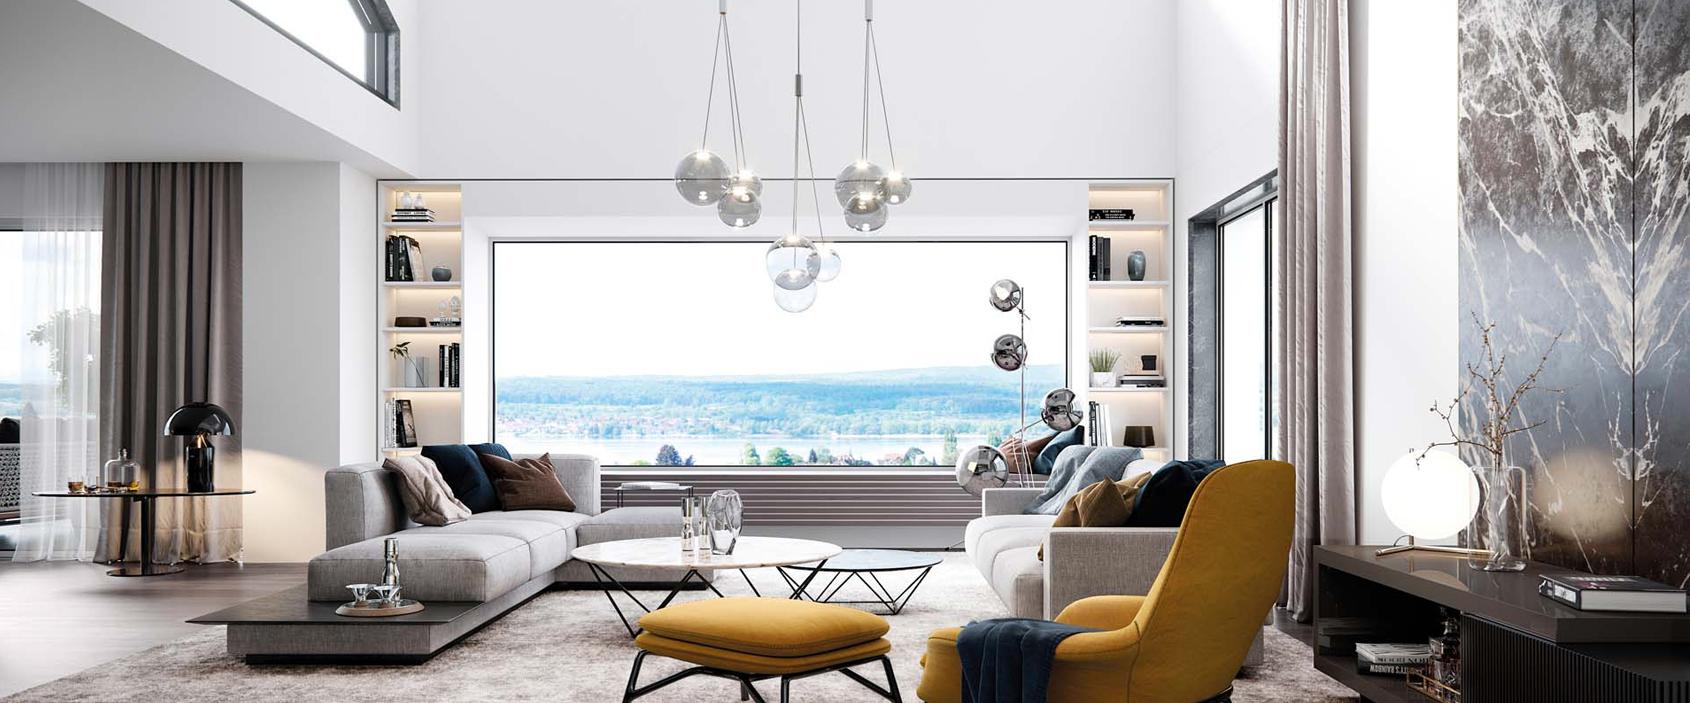 Klassisch Modern Wohnen lake estates wir steigern immobilienwerte in bestlagen lake